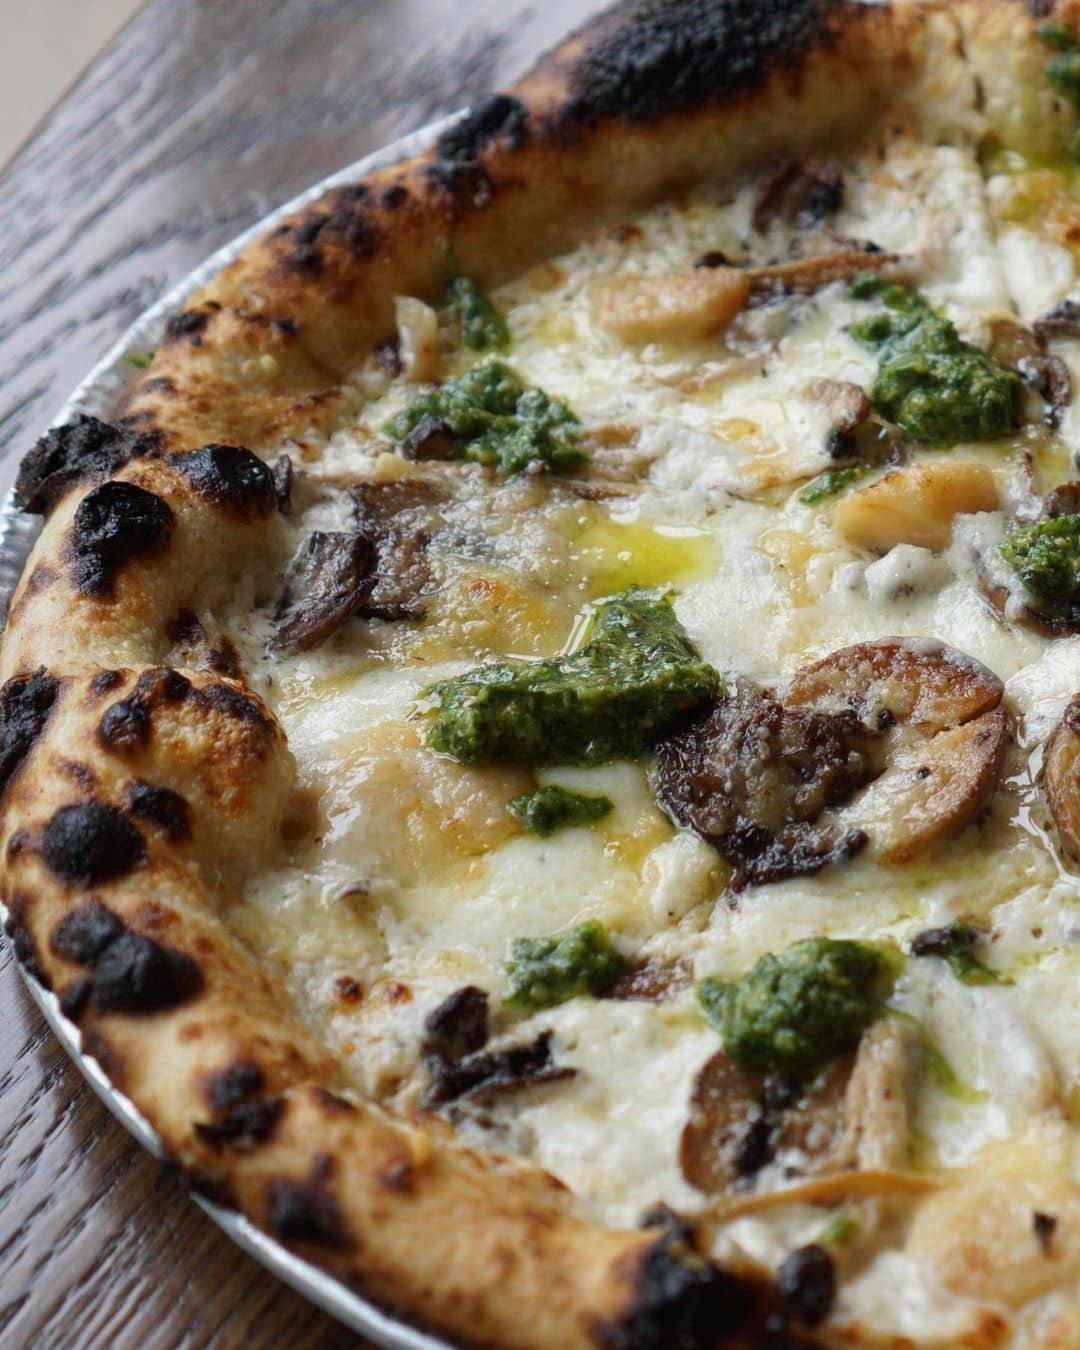 mushroom pizza on wooden table